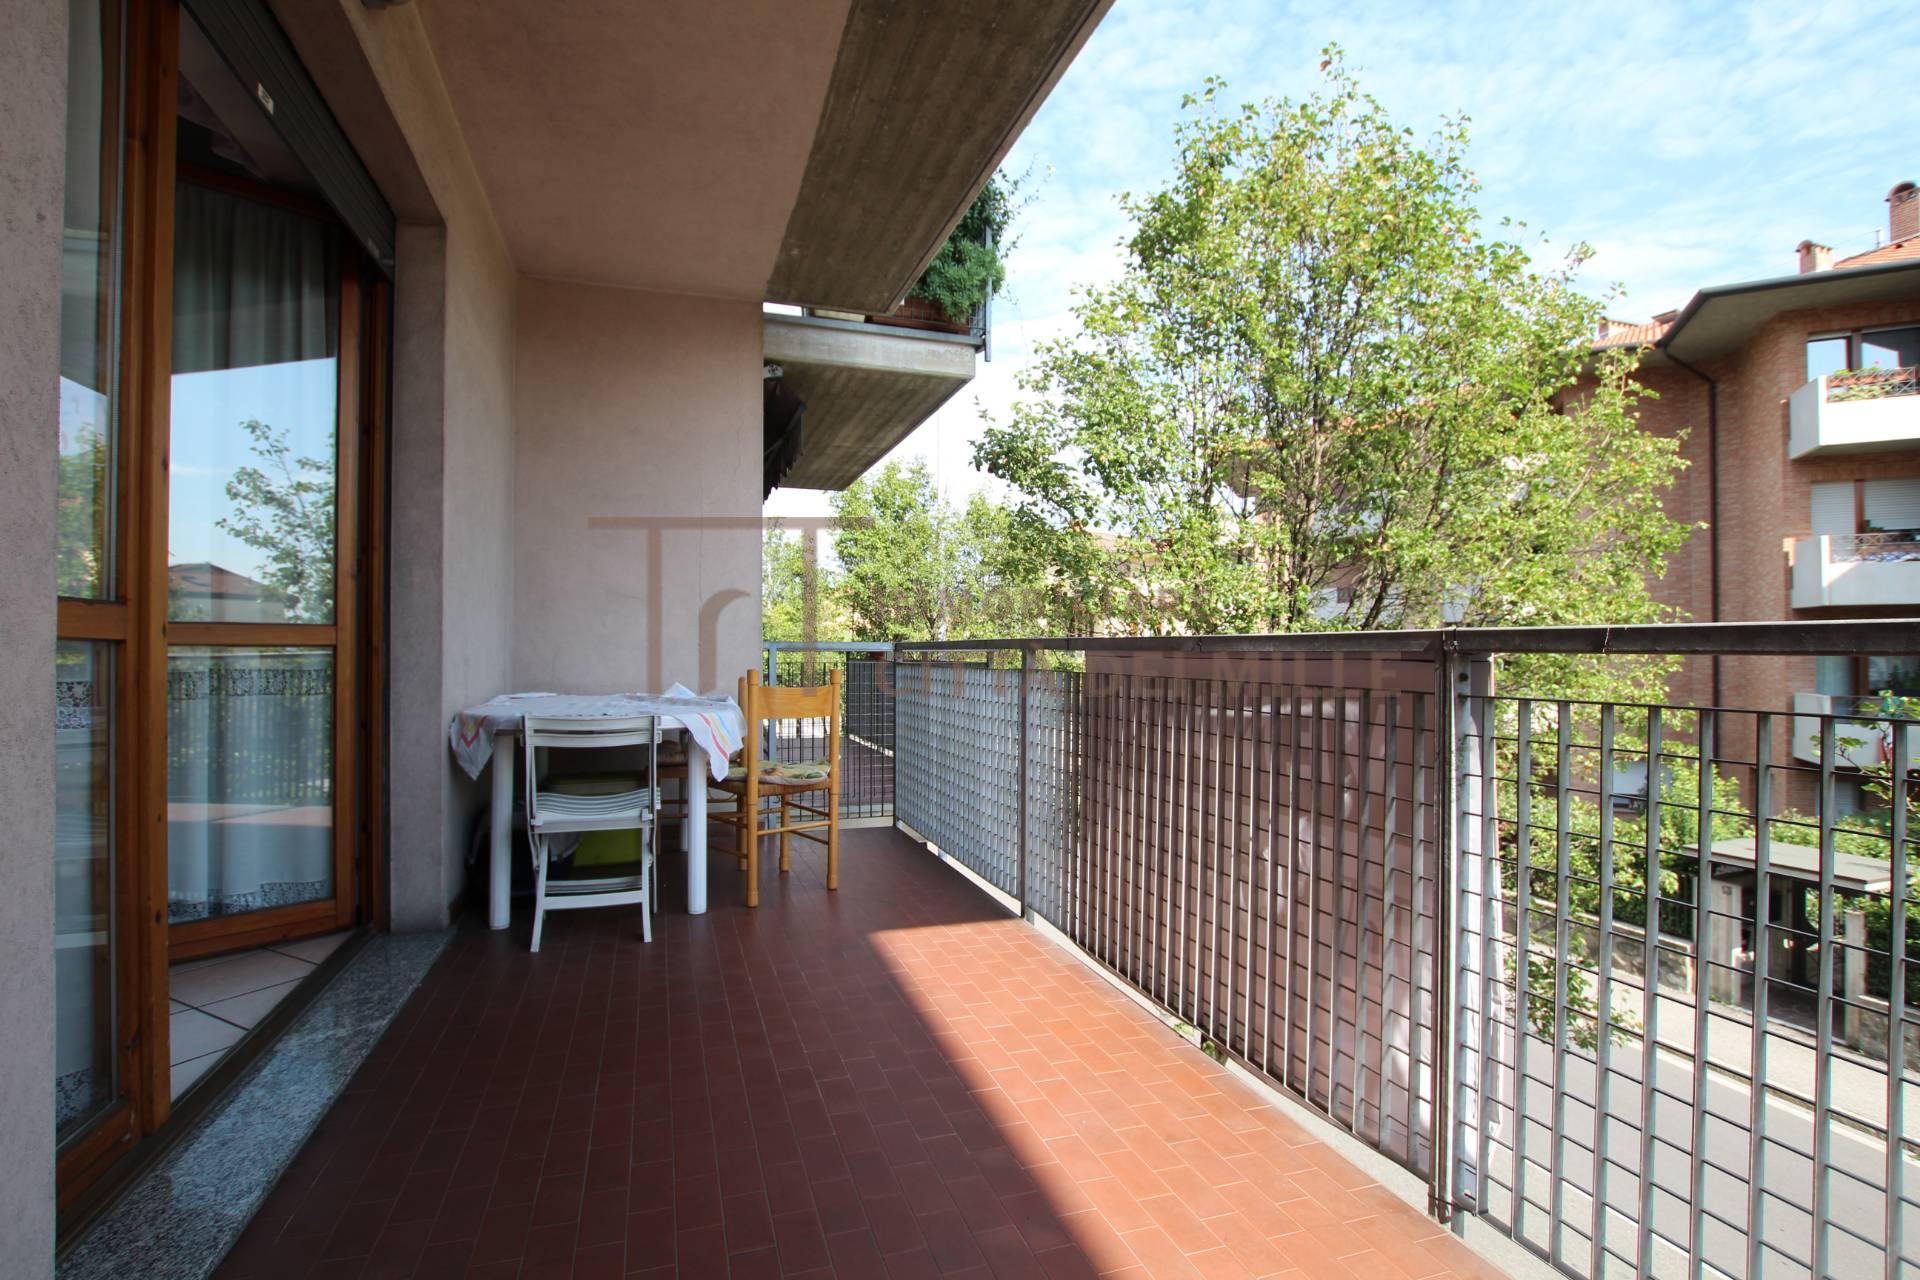 Appartamento in vendita Valtesse-Via Pietro Ruggeri Da Stabello Bergamo